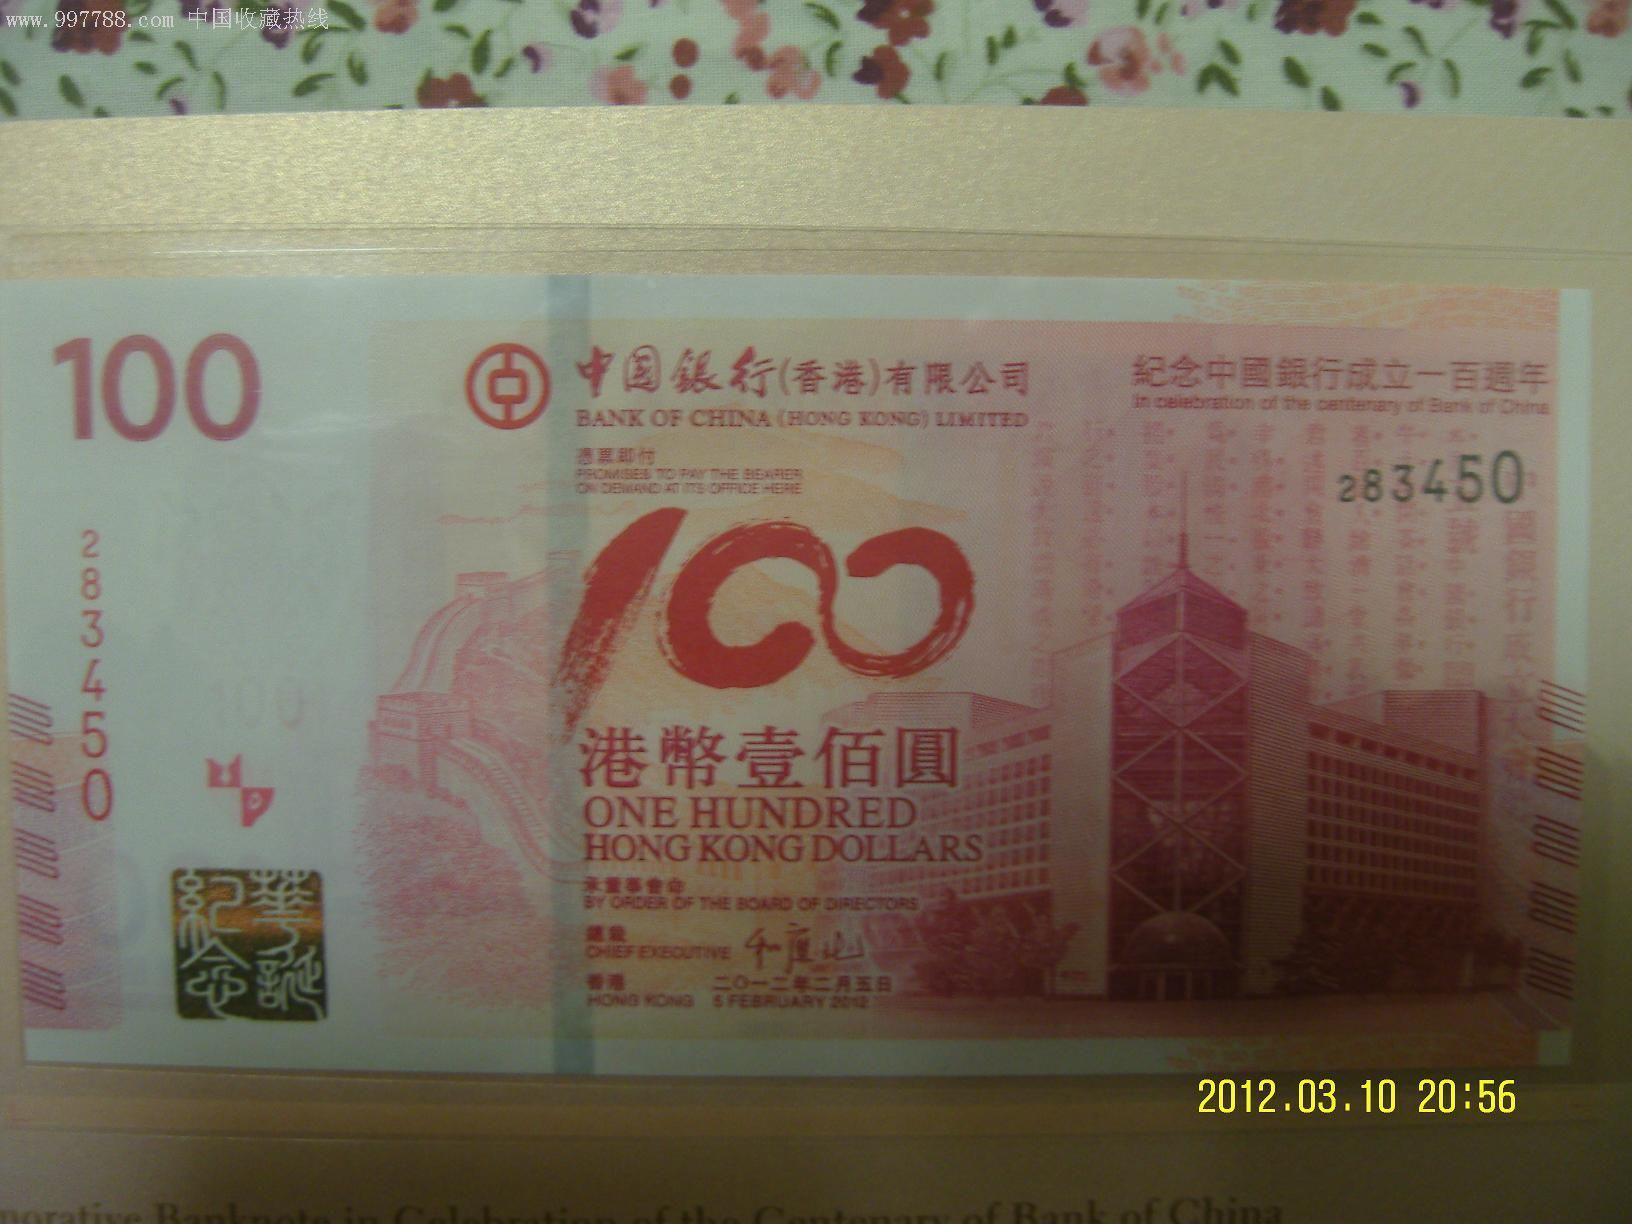 香港中国银行100周年纪念钞(三本一起出)